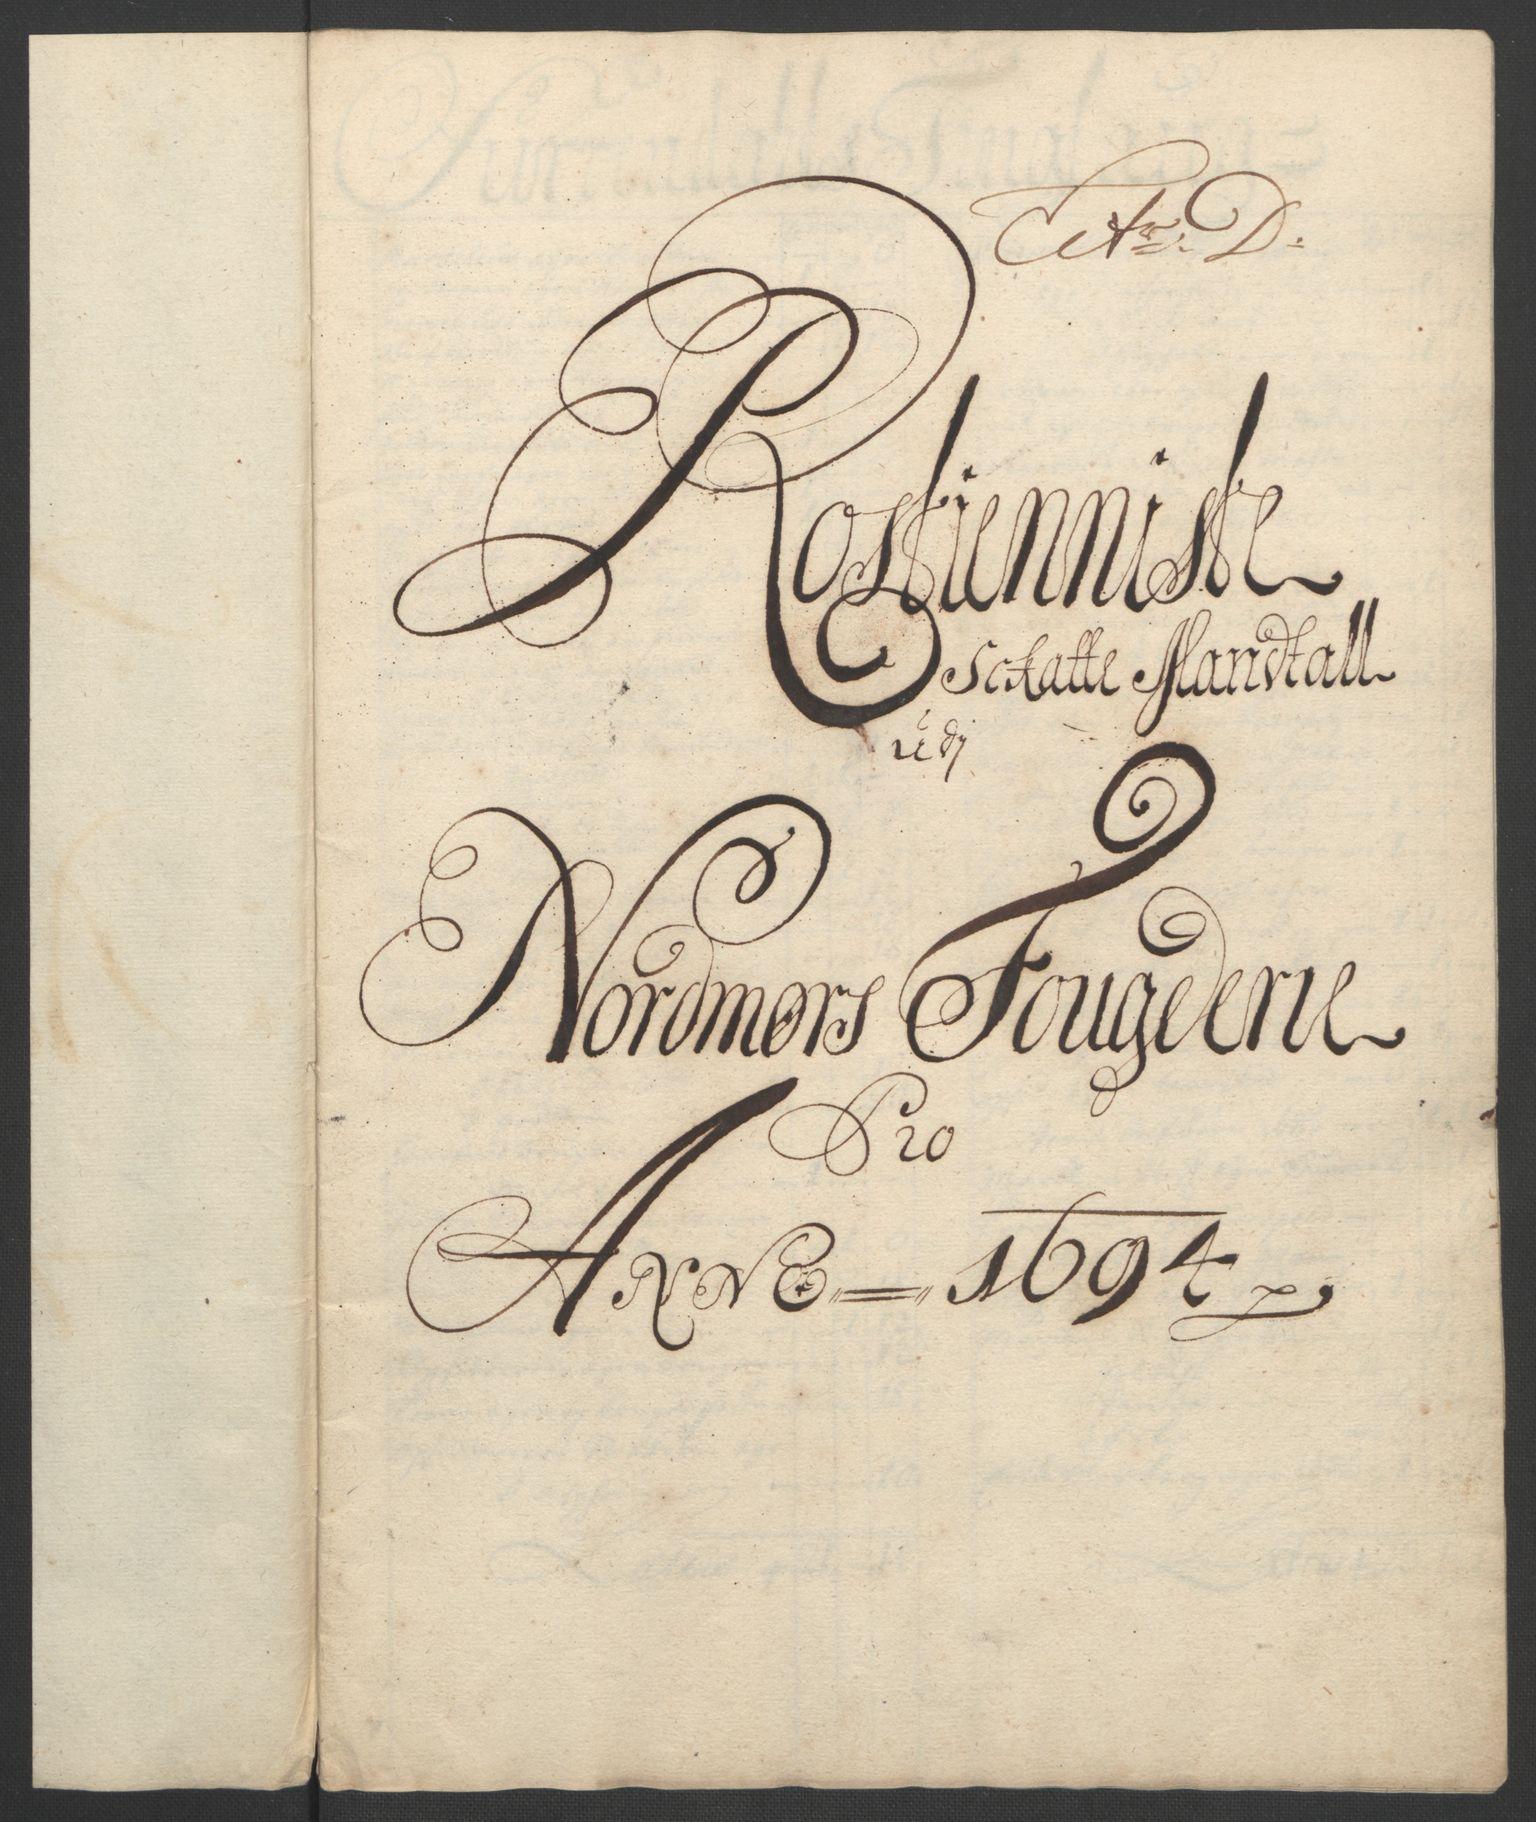 RA, Rentekammeret inntil 1814, Reviderte regnskaper, Fogderegnskap, R56/L3736: Fogderegnskap Nordmøre, 1694-1696, s. 76